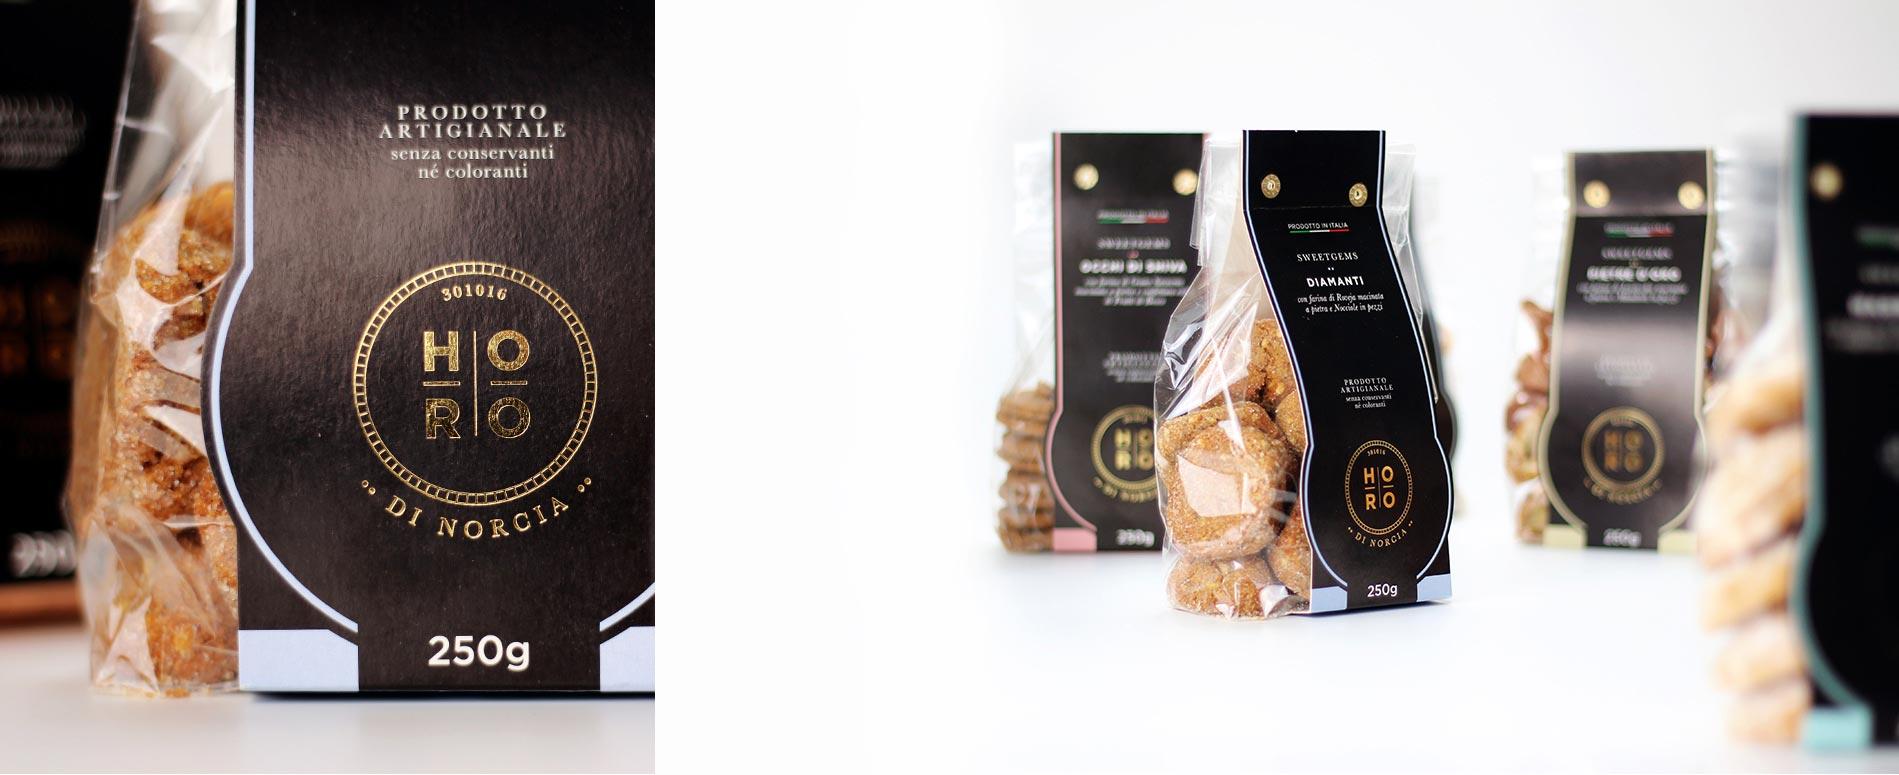 Realizzazione immagine coordinata per Horo di Norcia | Hammer ADV | Packaging Biscotti